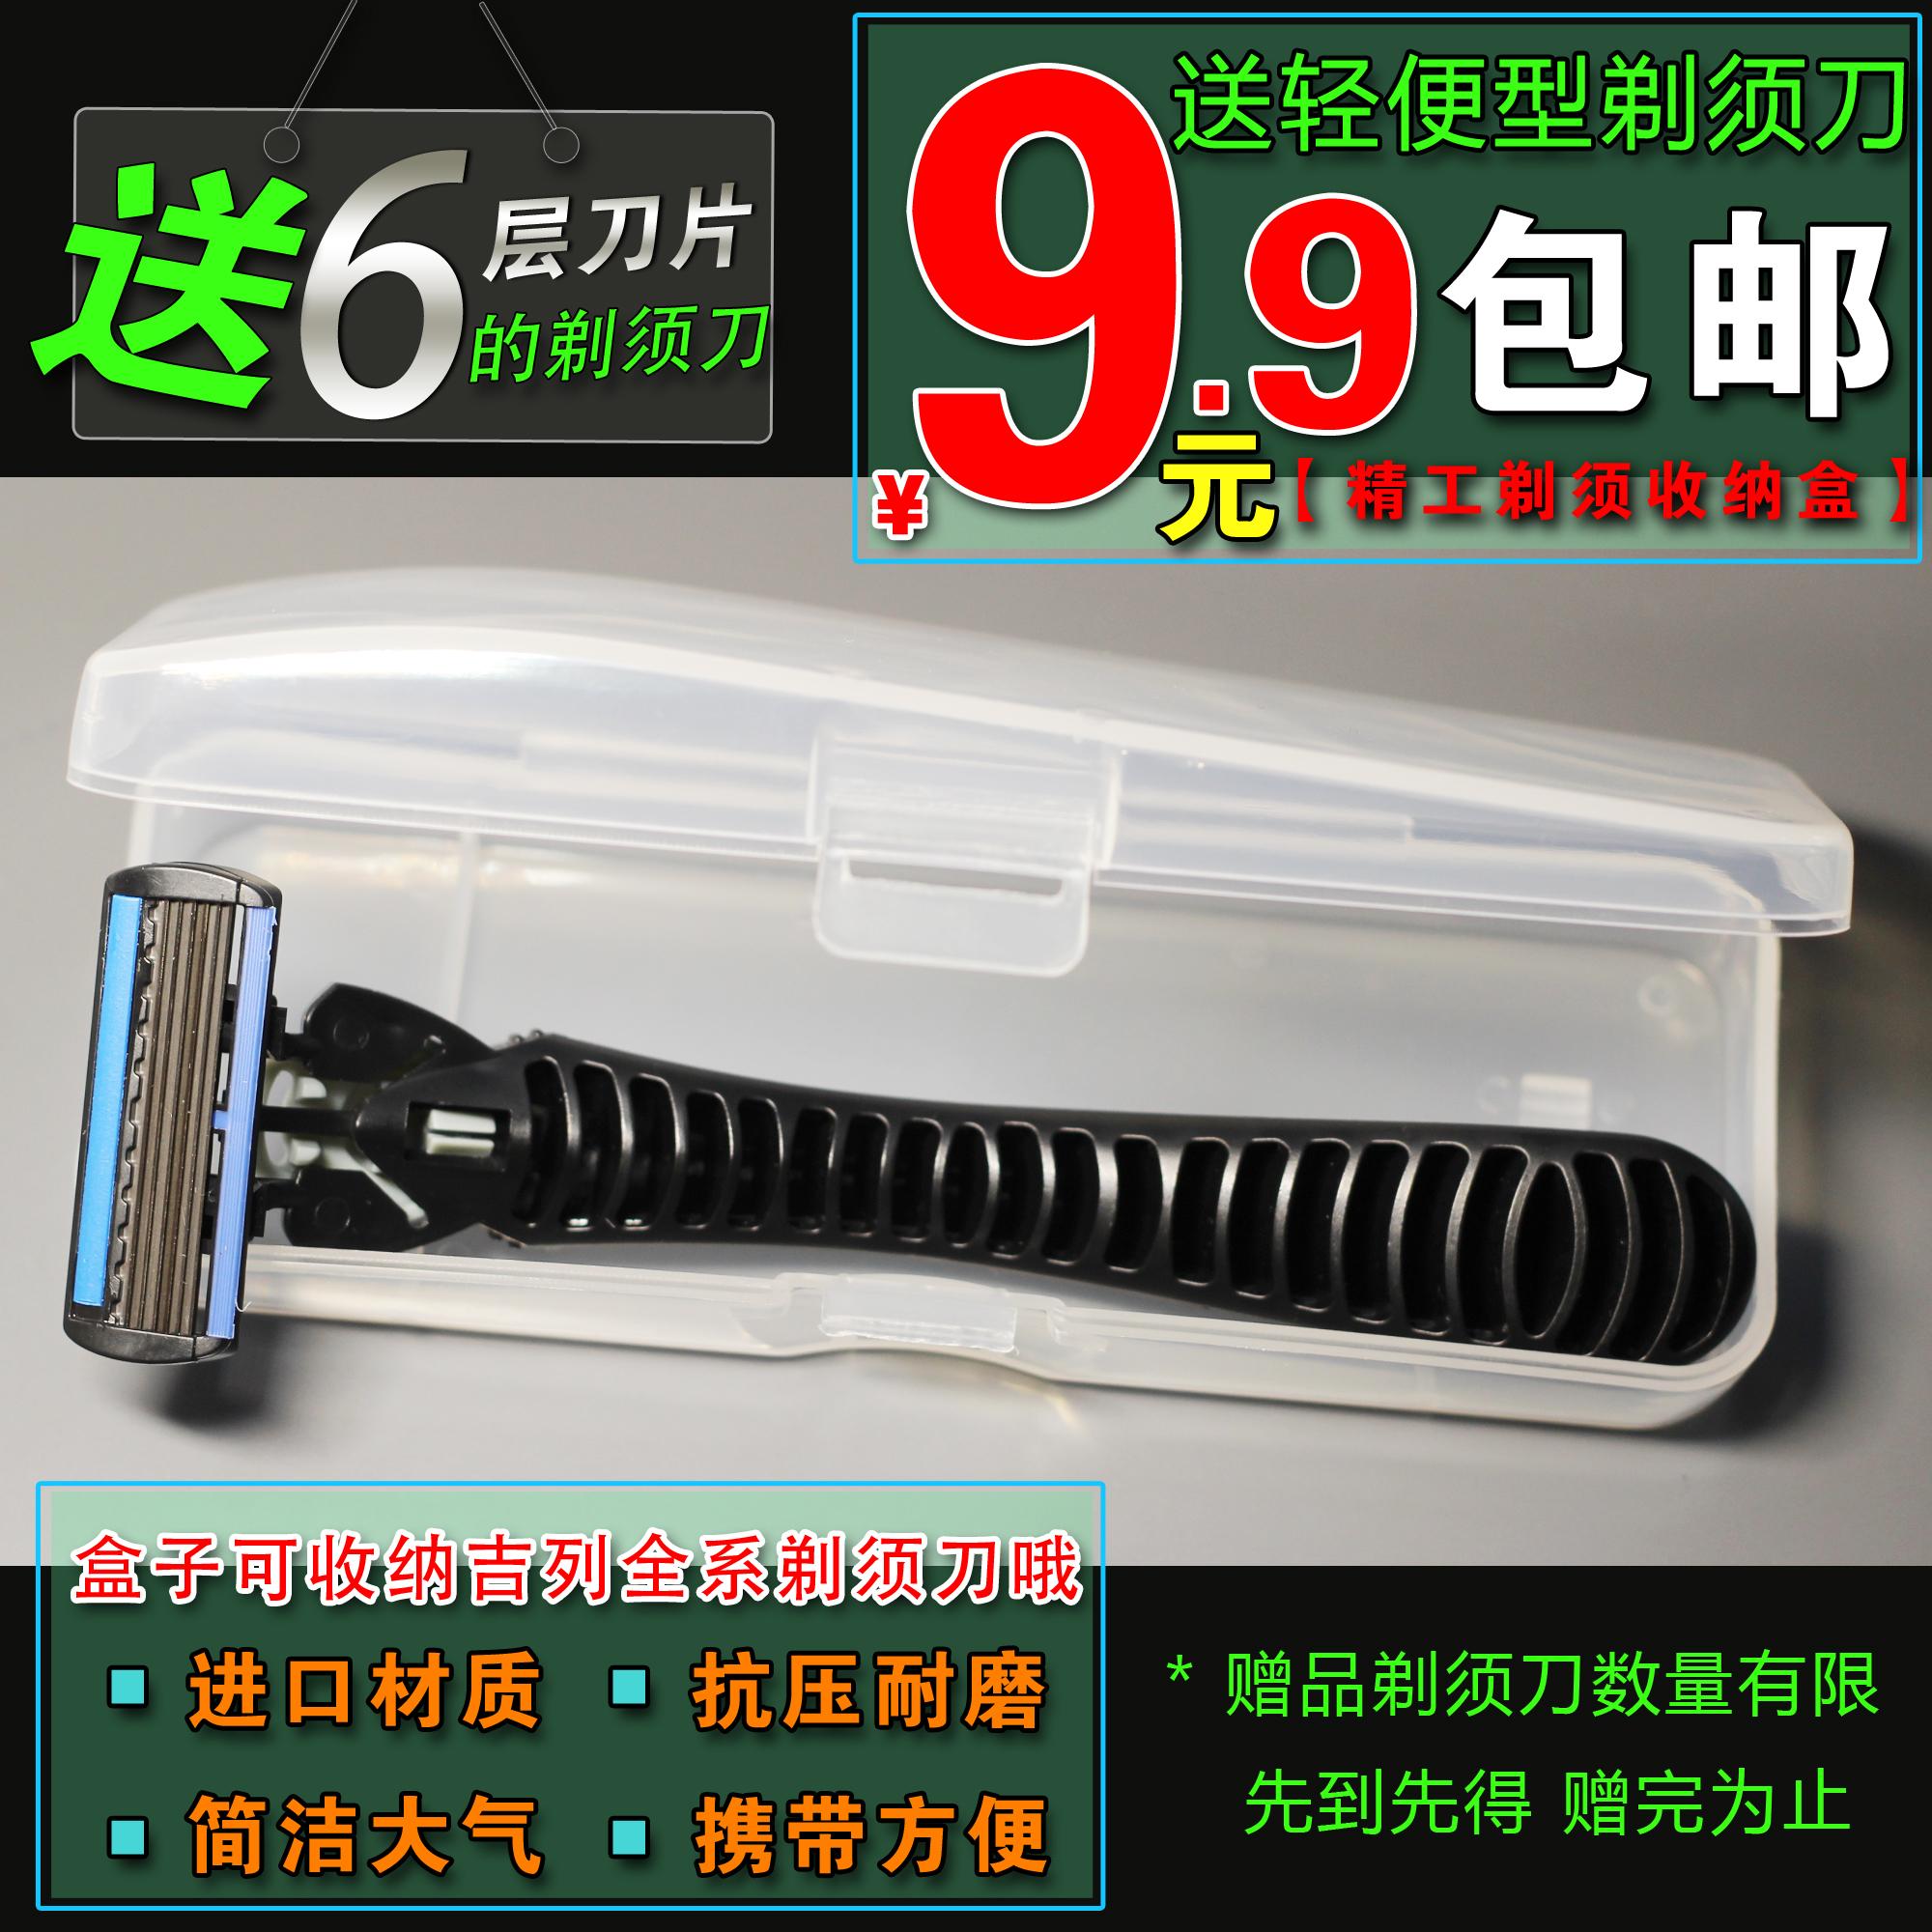 【9.9包邮送6层剃须刀】吉利 尼旅行收纳盒适配吉列剃须刀刮胡刀